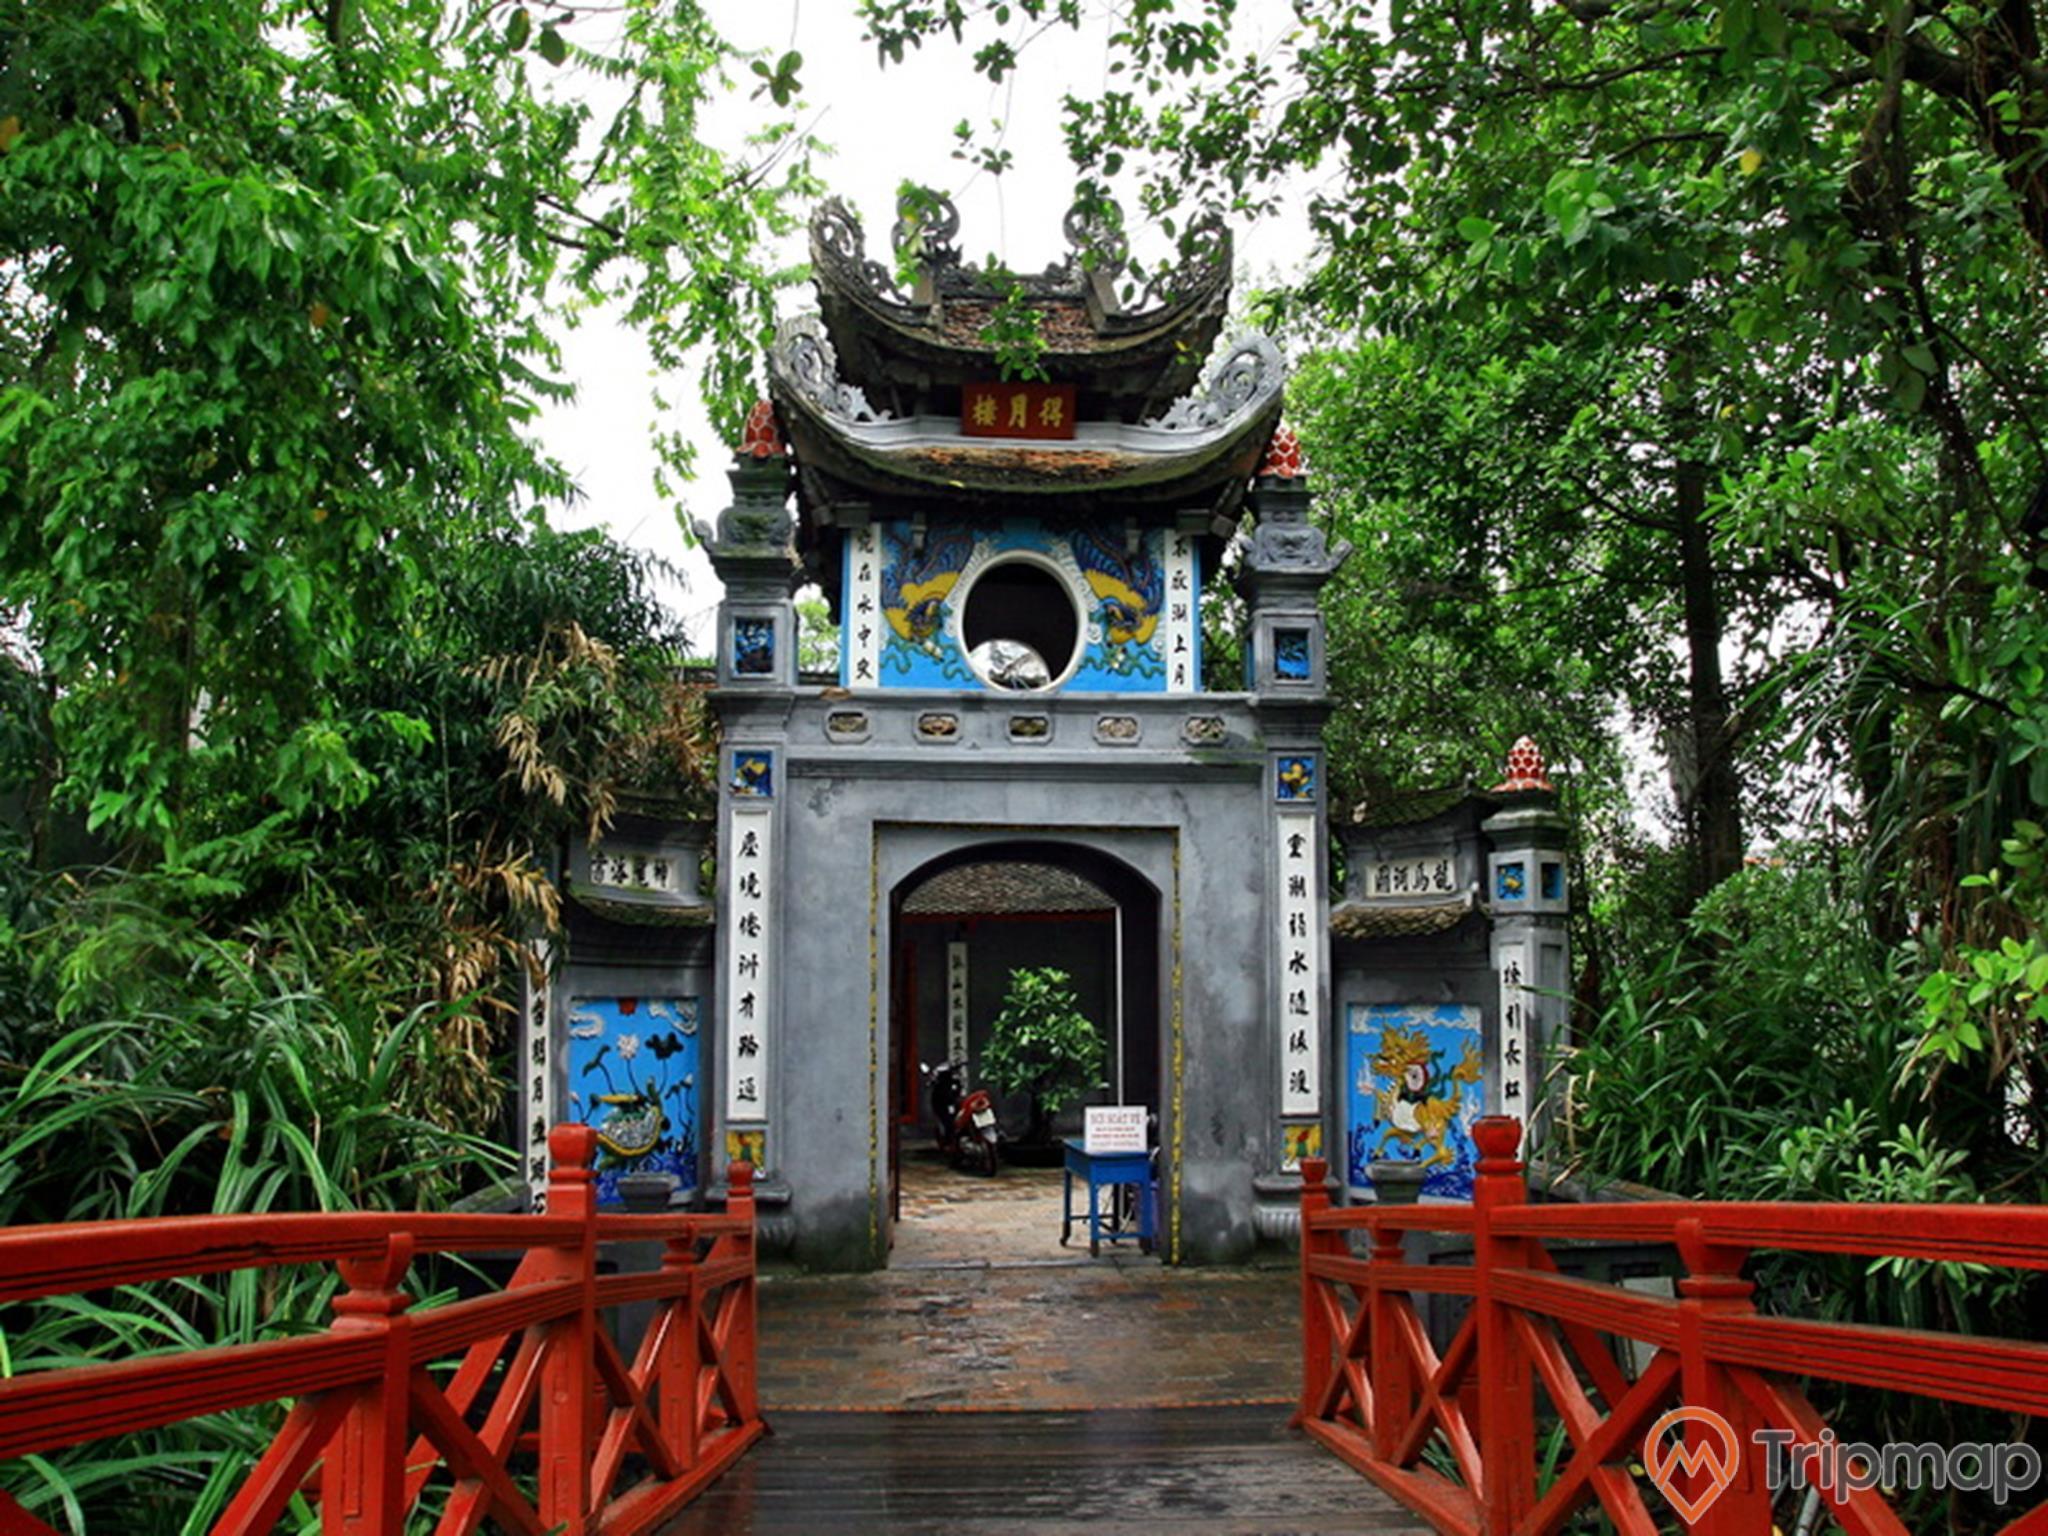 Đền Ngọc Sơn sau nhiều lần trải qua đổi tên, xây dựng lại